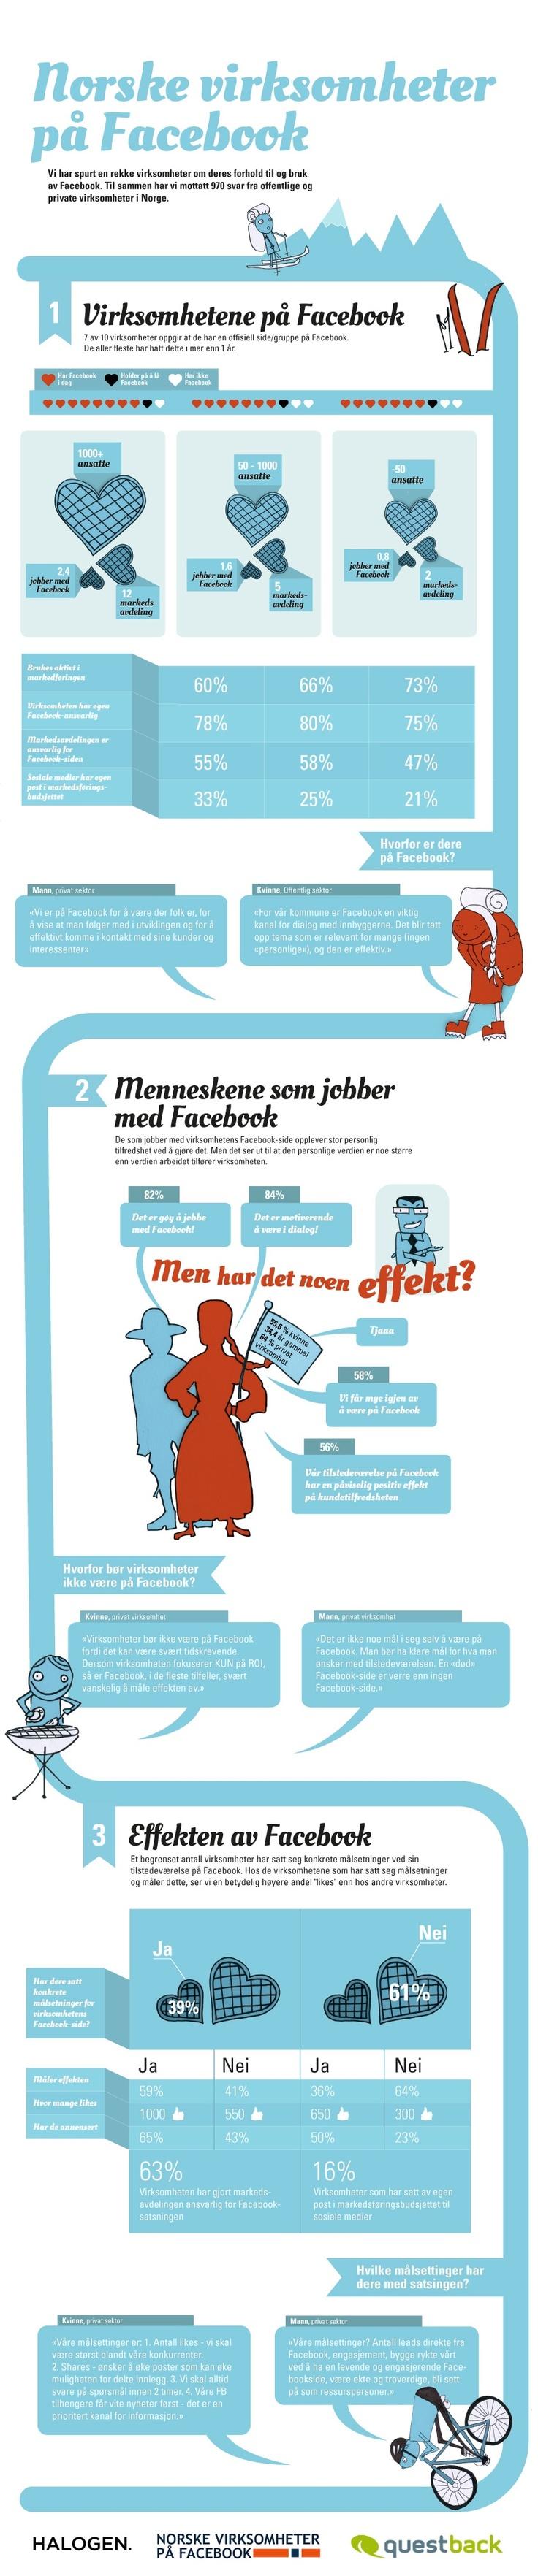 Norske virksomheter på Facebook. Halogen og Questback har spurt om norske virksomheters forhold og bruk av Facebook